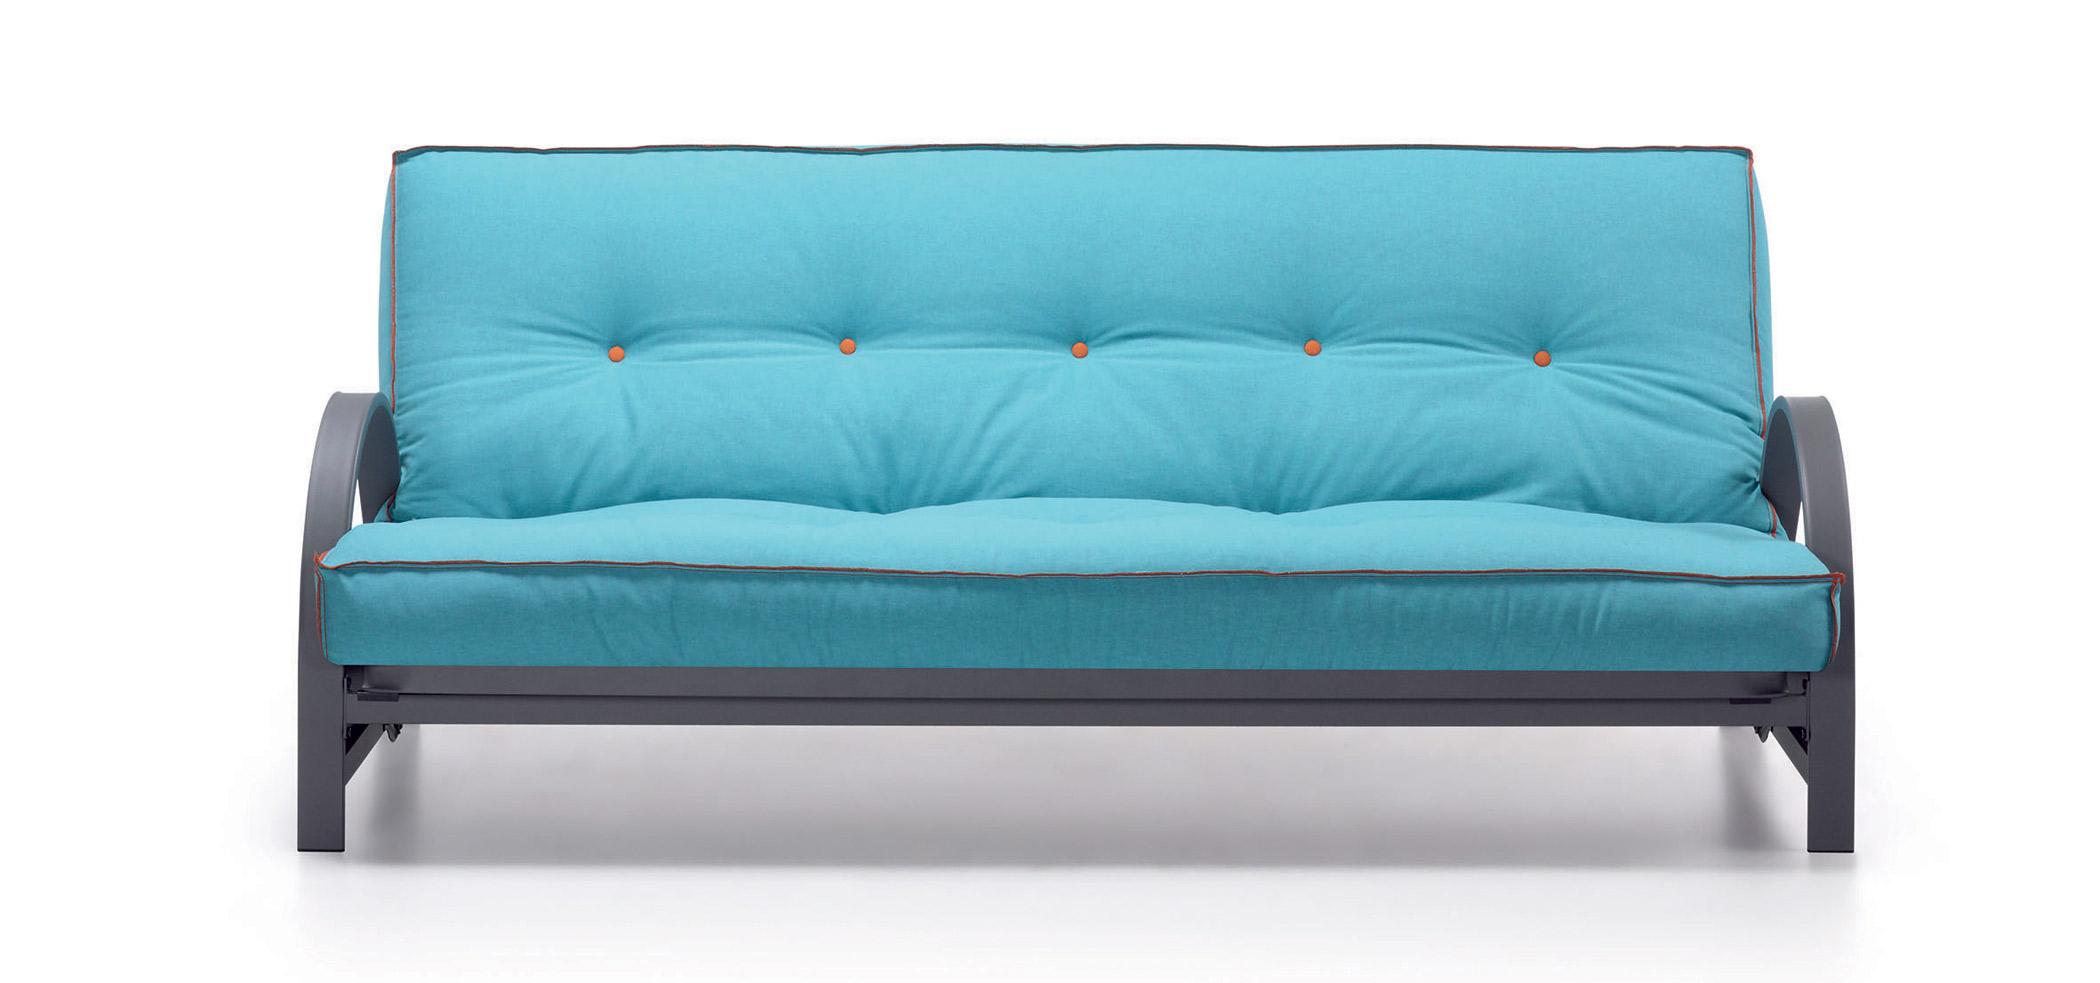 le style miami beach tendance de l t 2015 diagnostic d co. Black Bedroom Furniture Sets. Home Design Ideas